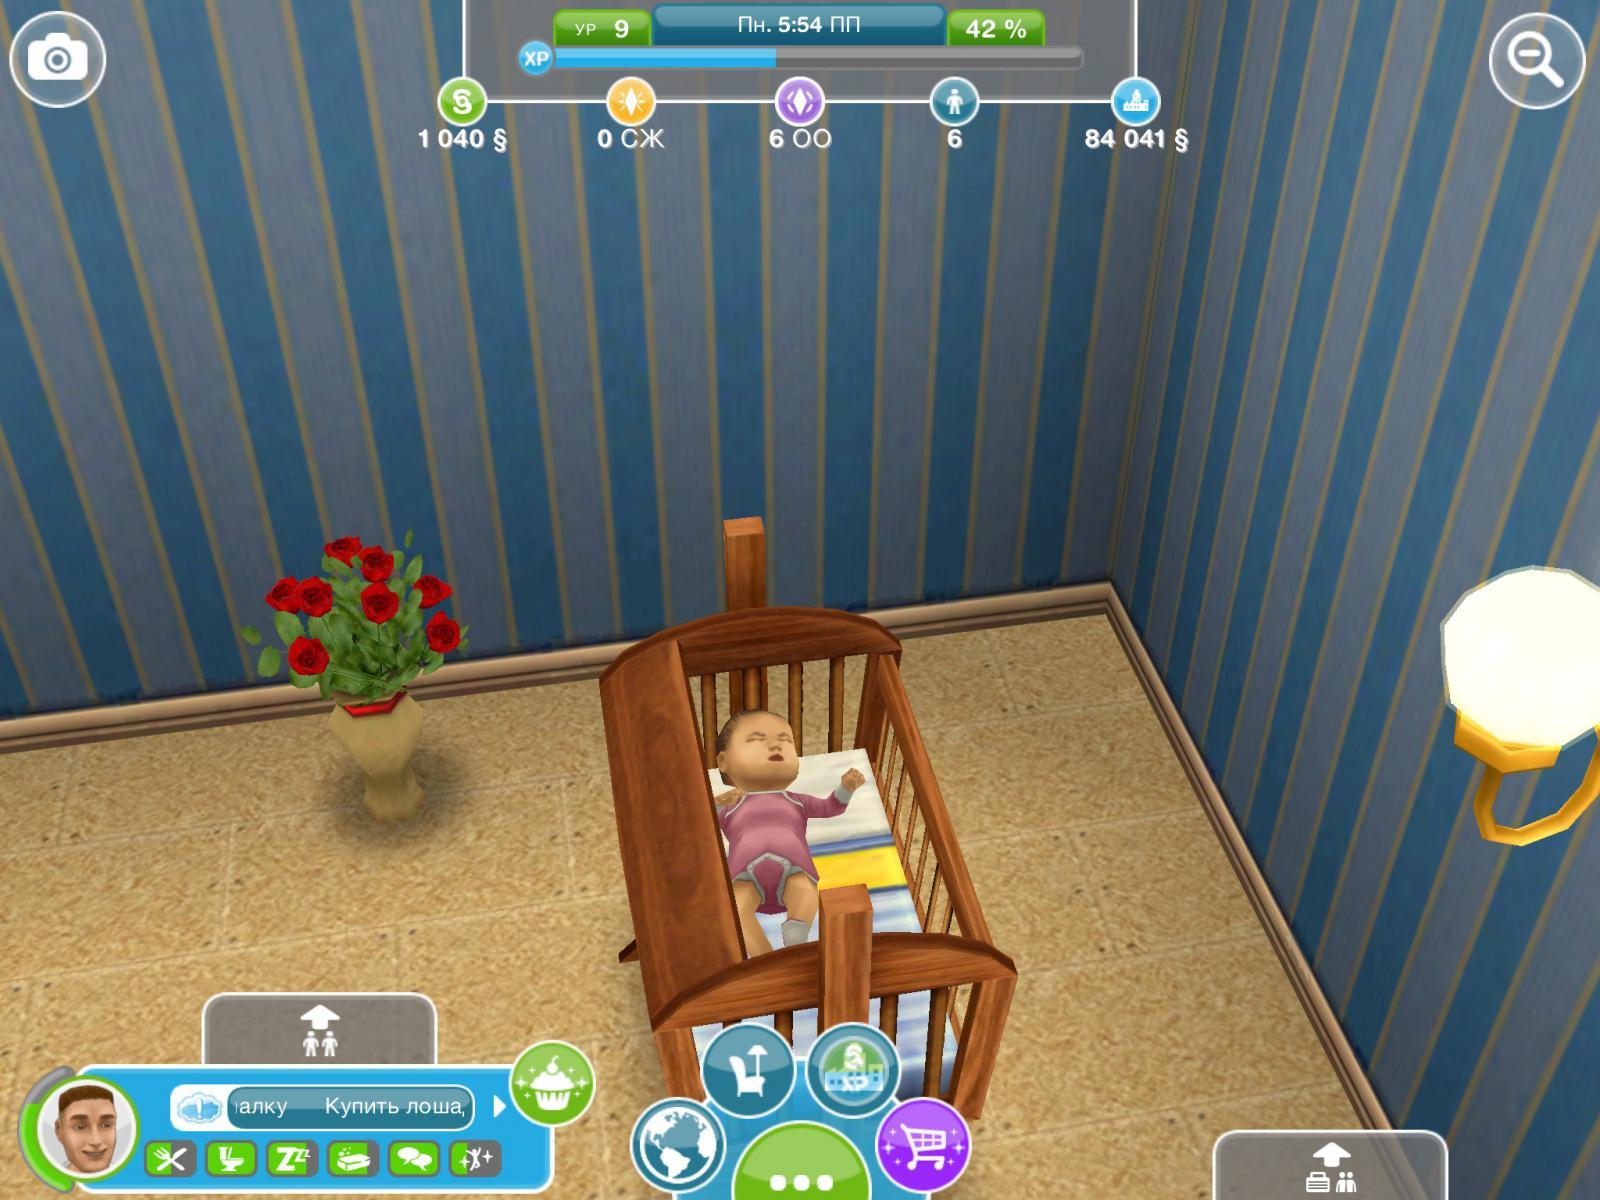 Как сделать ребенка в симс фриплей